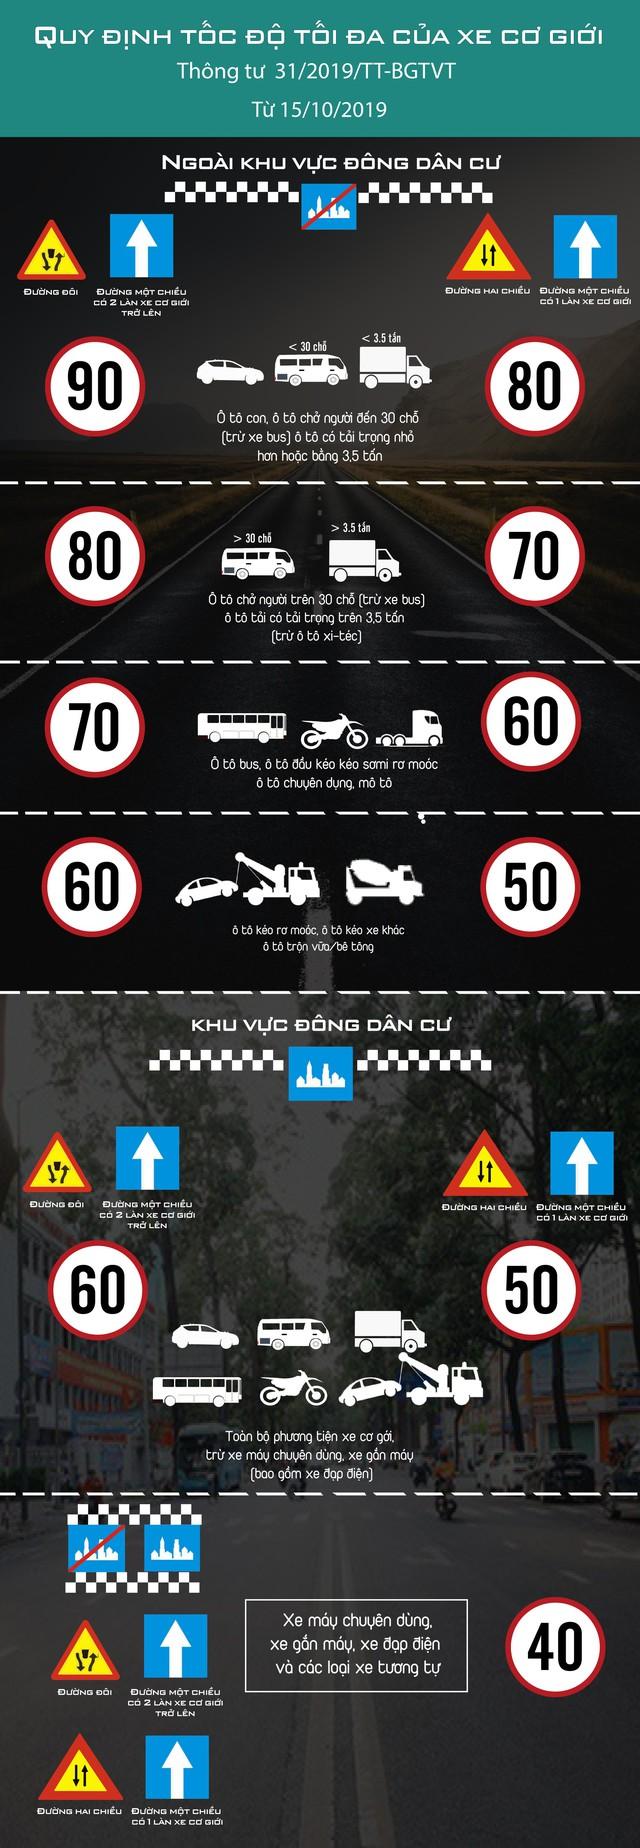 [Infographic] Quy định tốc độ tối đa của xe cơ giới từ 15/10/2019 - Ảnh 1.